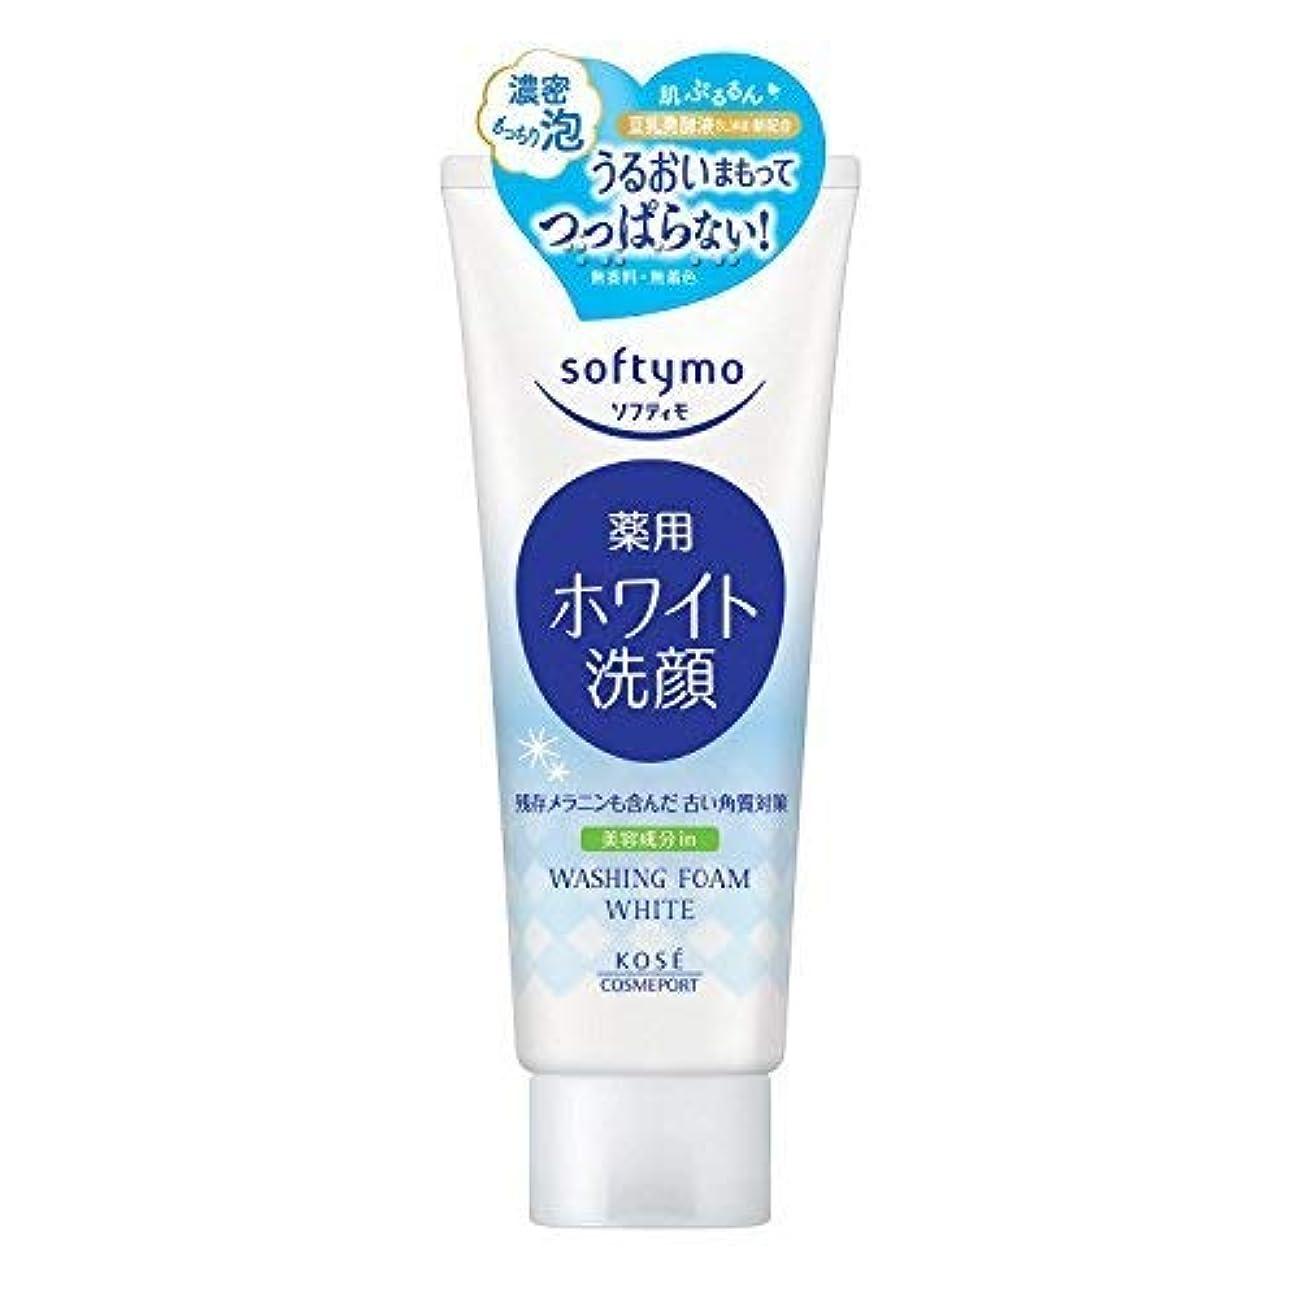 フルーツ野菜コークス未亡人ソフティモ薬用洗顔フォーム(ホワイト) × 3個セット